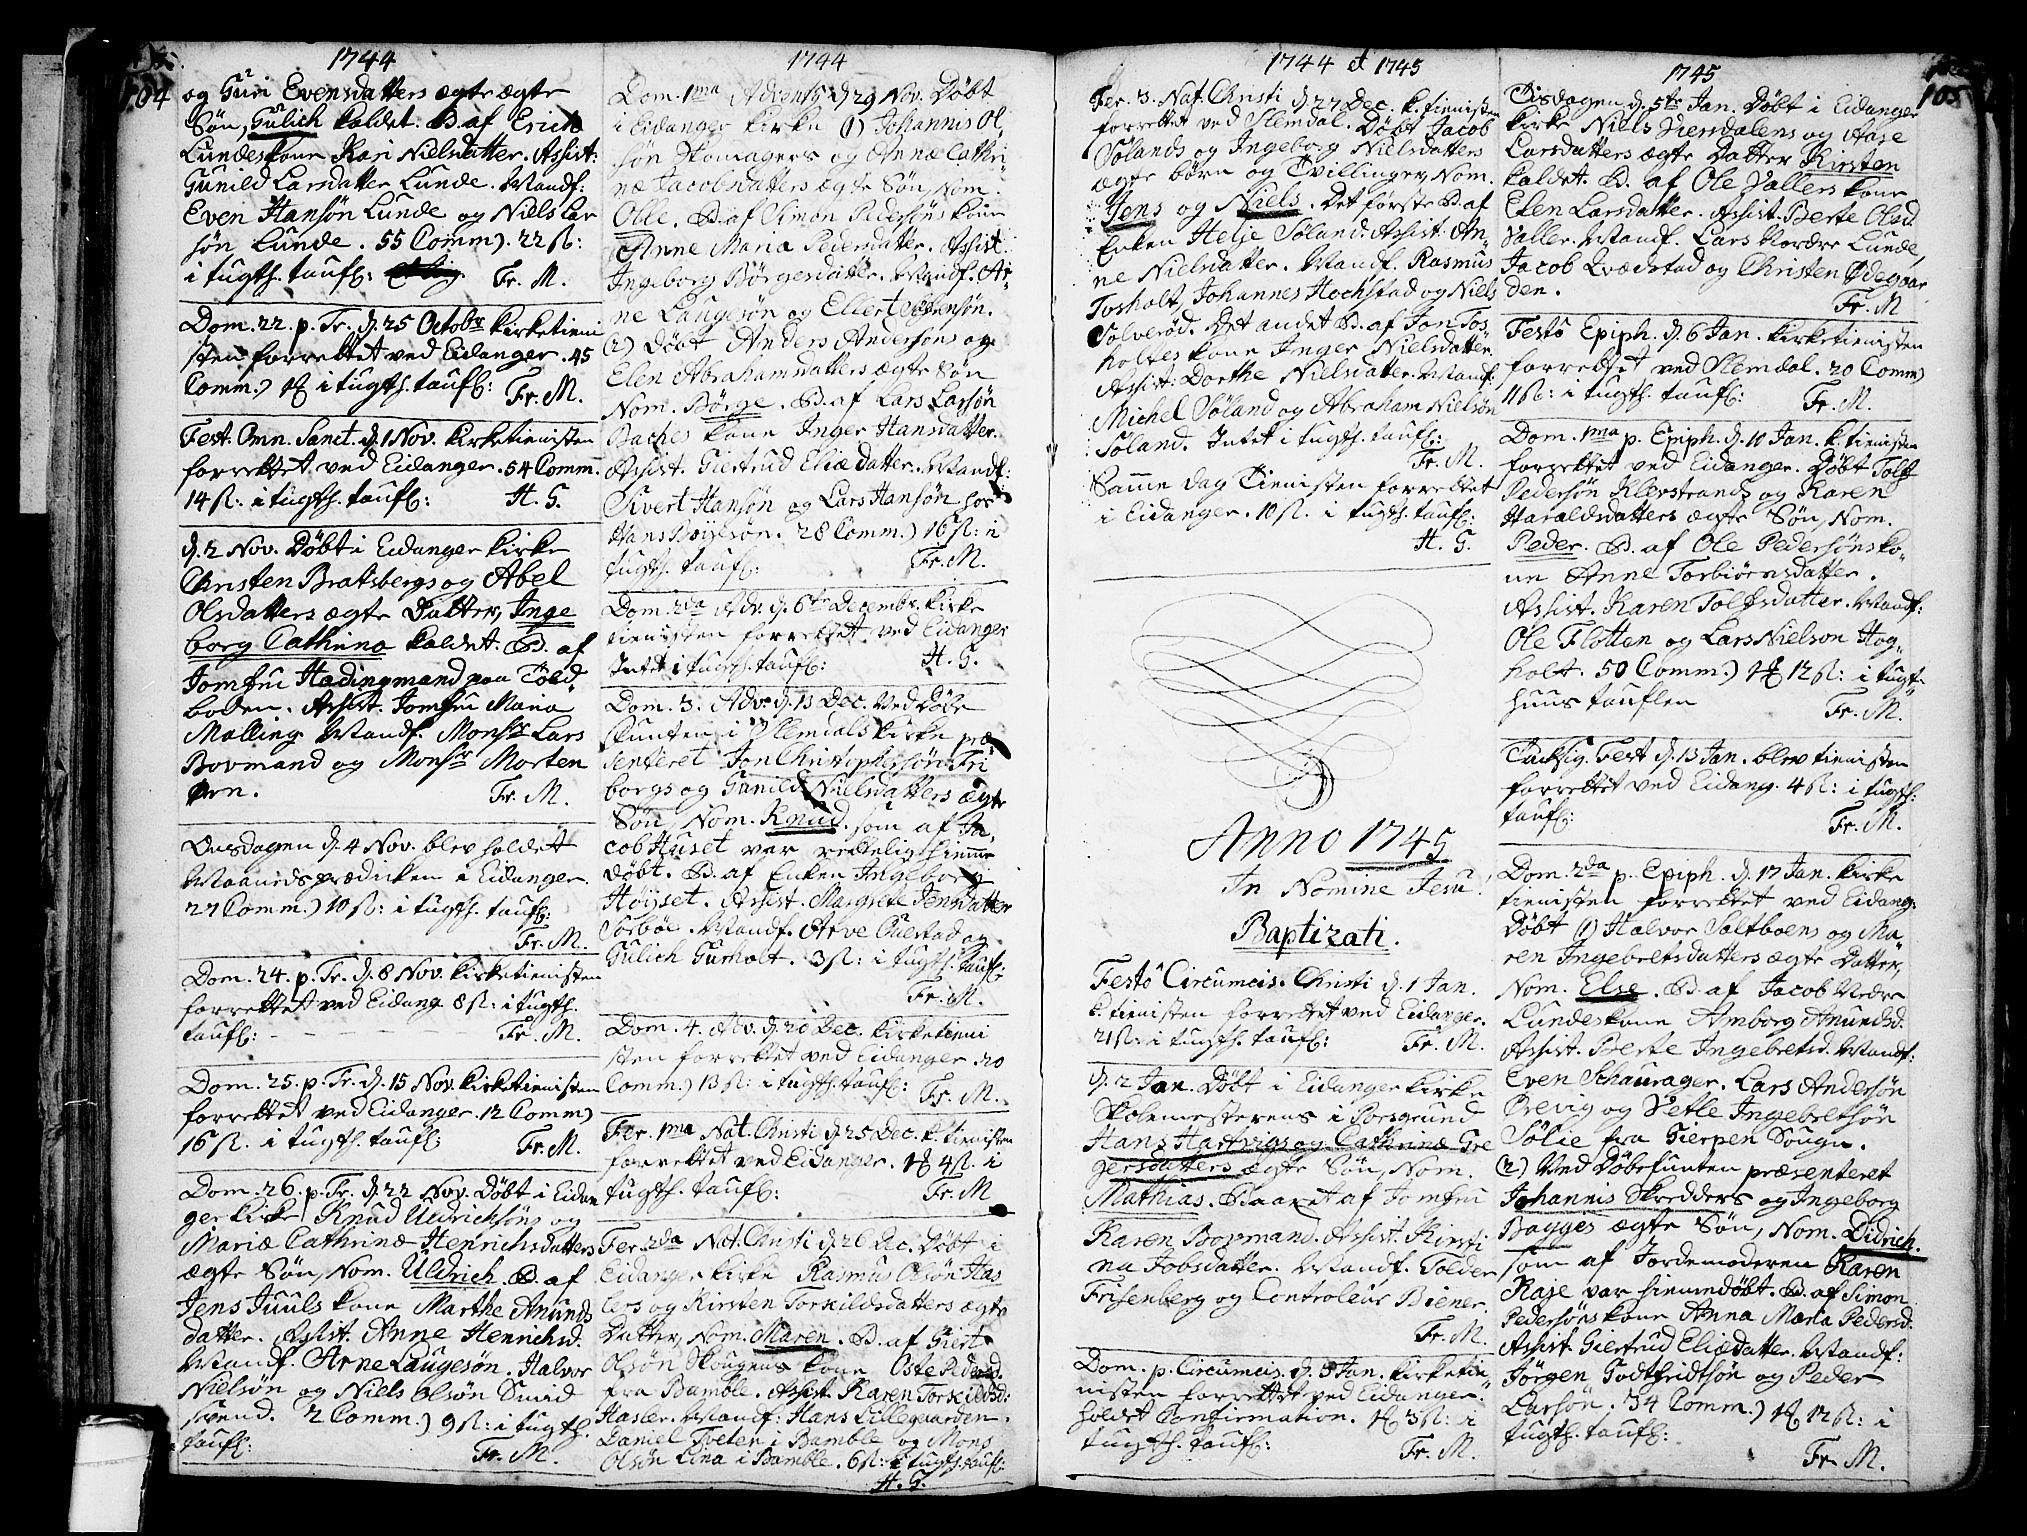 SAKO, Eidanger kirkebøker, F/Fa/L0004: Ministerialbok nr. 4, 1733-1759, s. 104-105